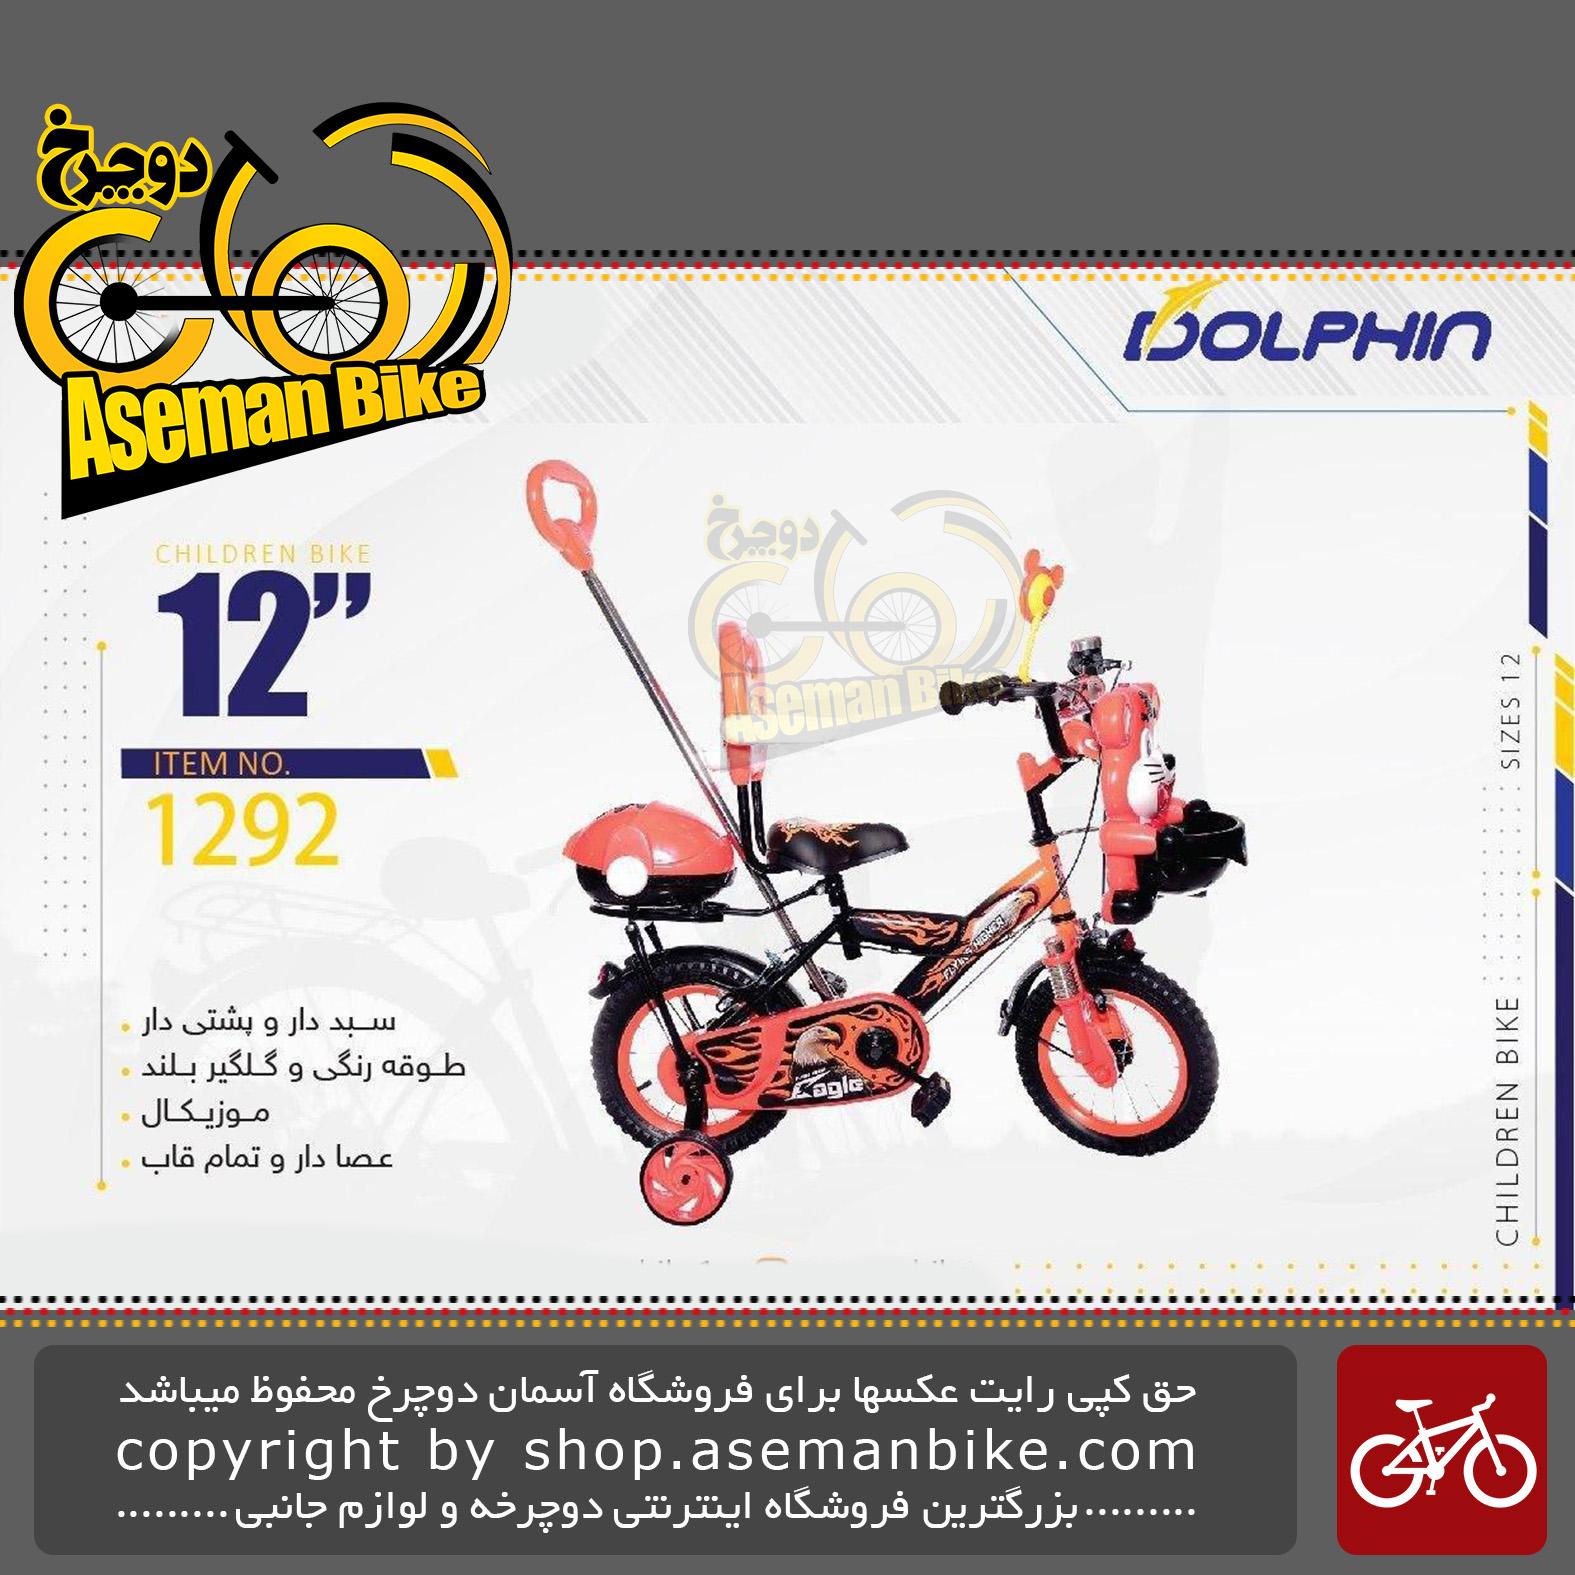 دوچرخه بچگانه دلفین سایز 12 موزیکال عصا پشتی دار صندوق دار سبد دار مدل 1292 DOLPHIN Bicycle Kids Size 12 Model 1292